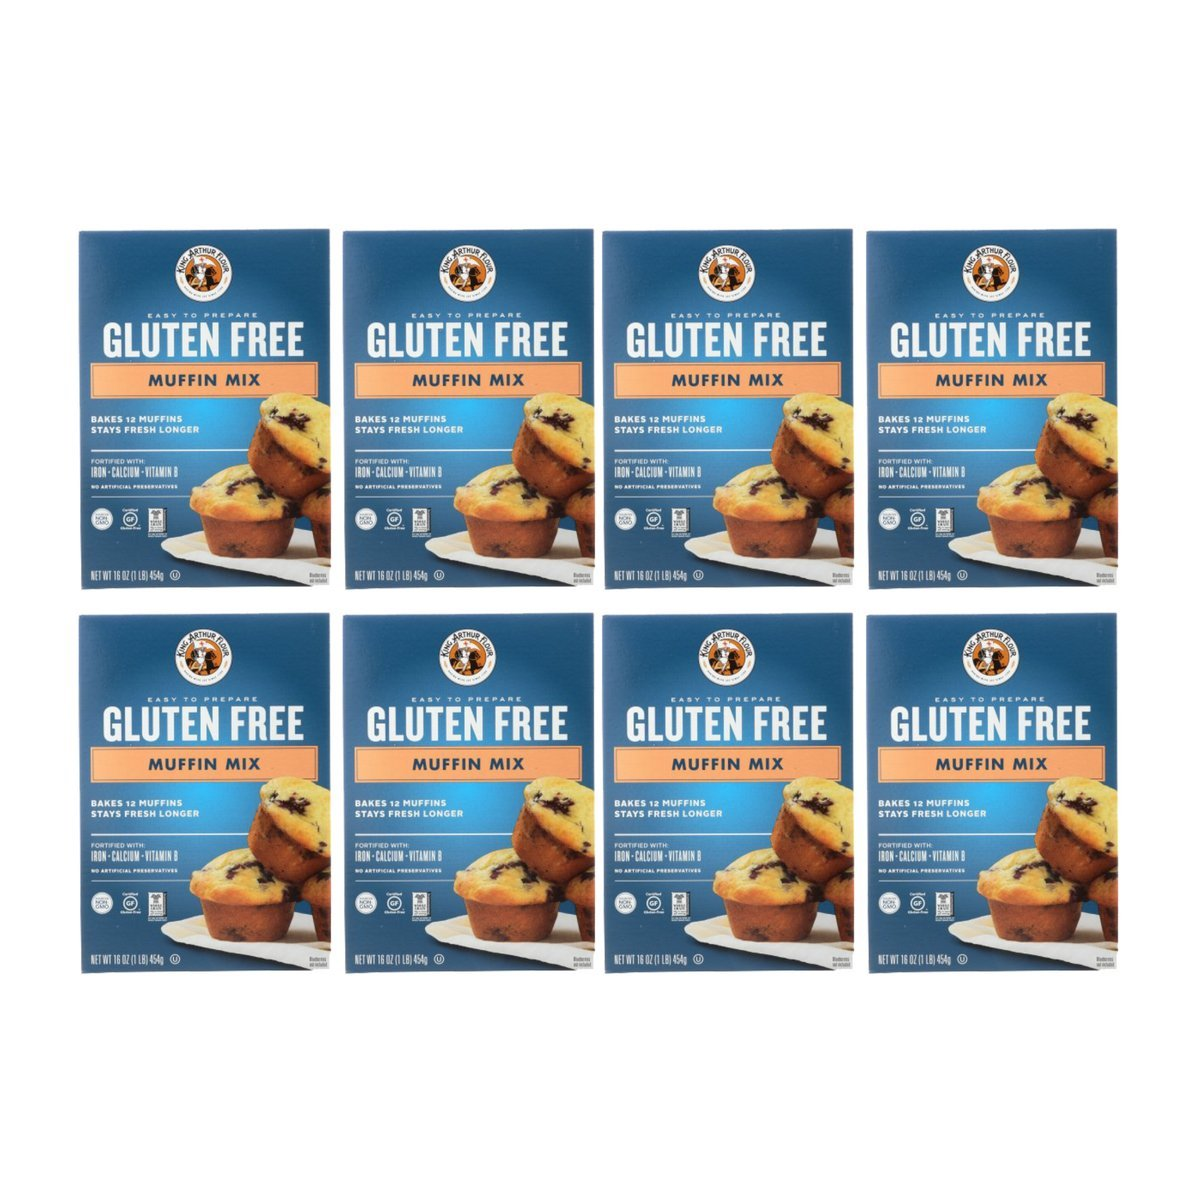 King Arthur Flour Muffin Mix, Gluten Free, 16-Ounce (Pack of 8)